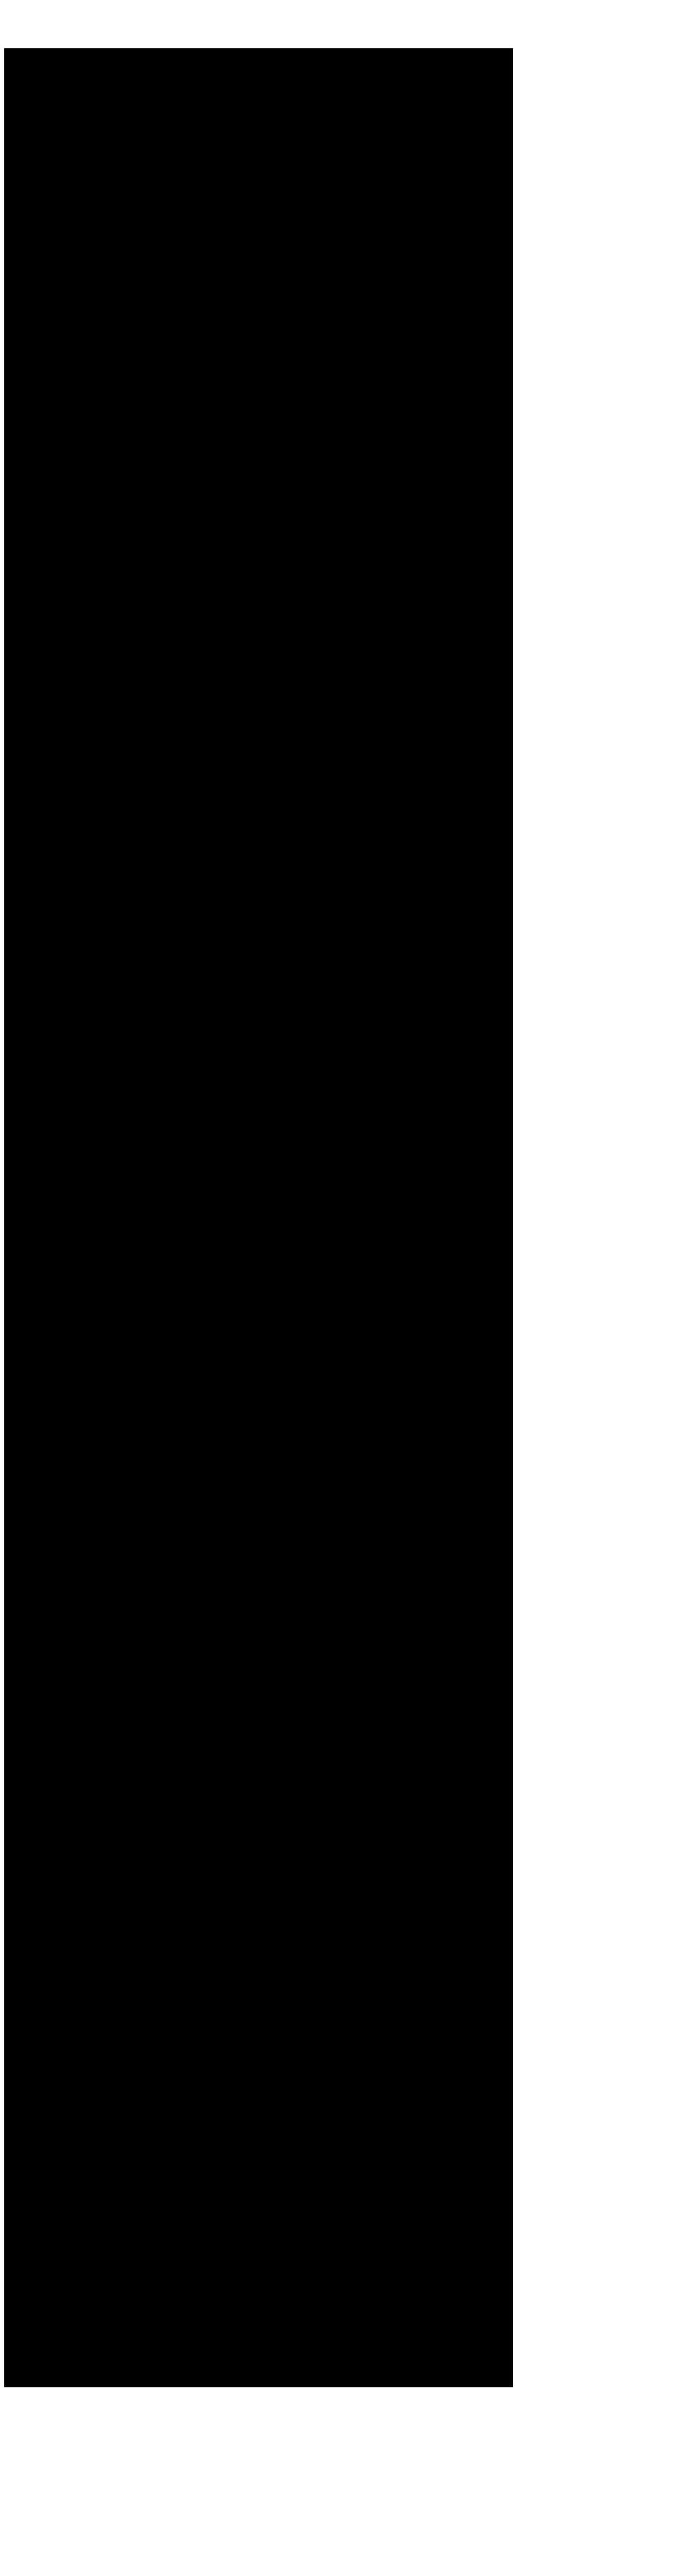 Tipografía Al-Anon España